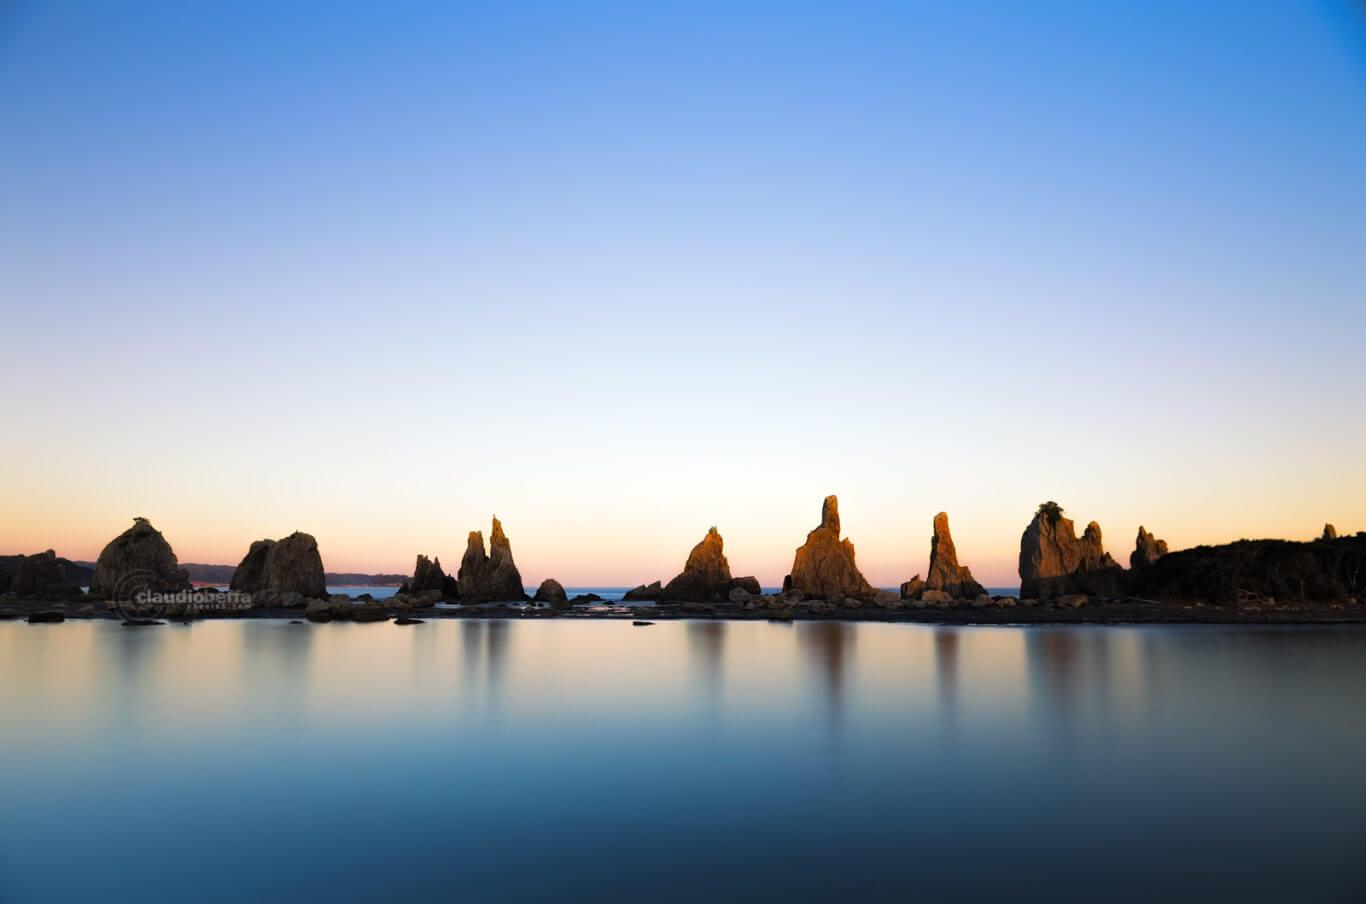 Hashigui Iwa, Hashigui rocks, seascape, landscape, twilight, sunset, ocean scales, Japan, Kii peninsula, Kii Oshima, Wakayama, Kushimoto, autumn, island, travel, photography, phoclab